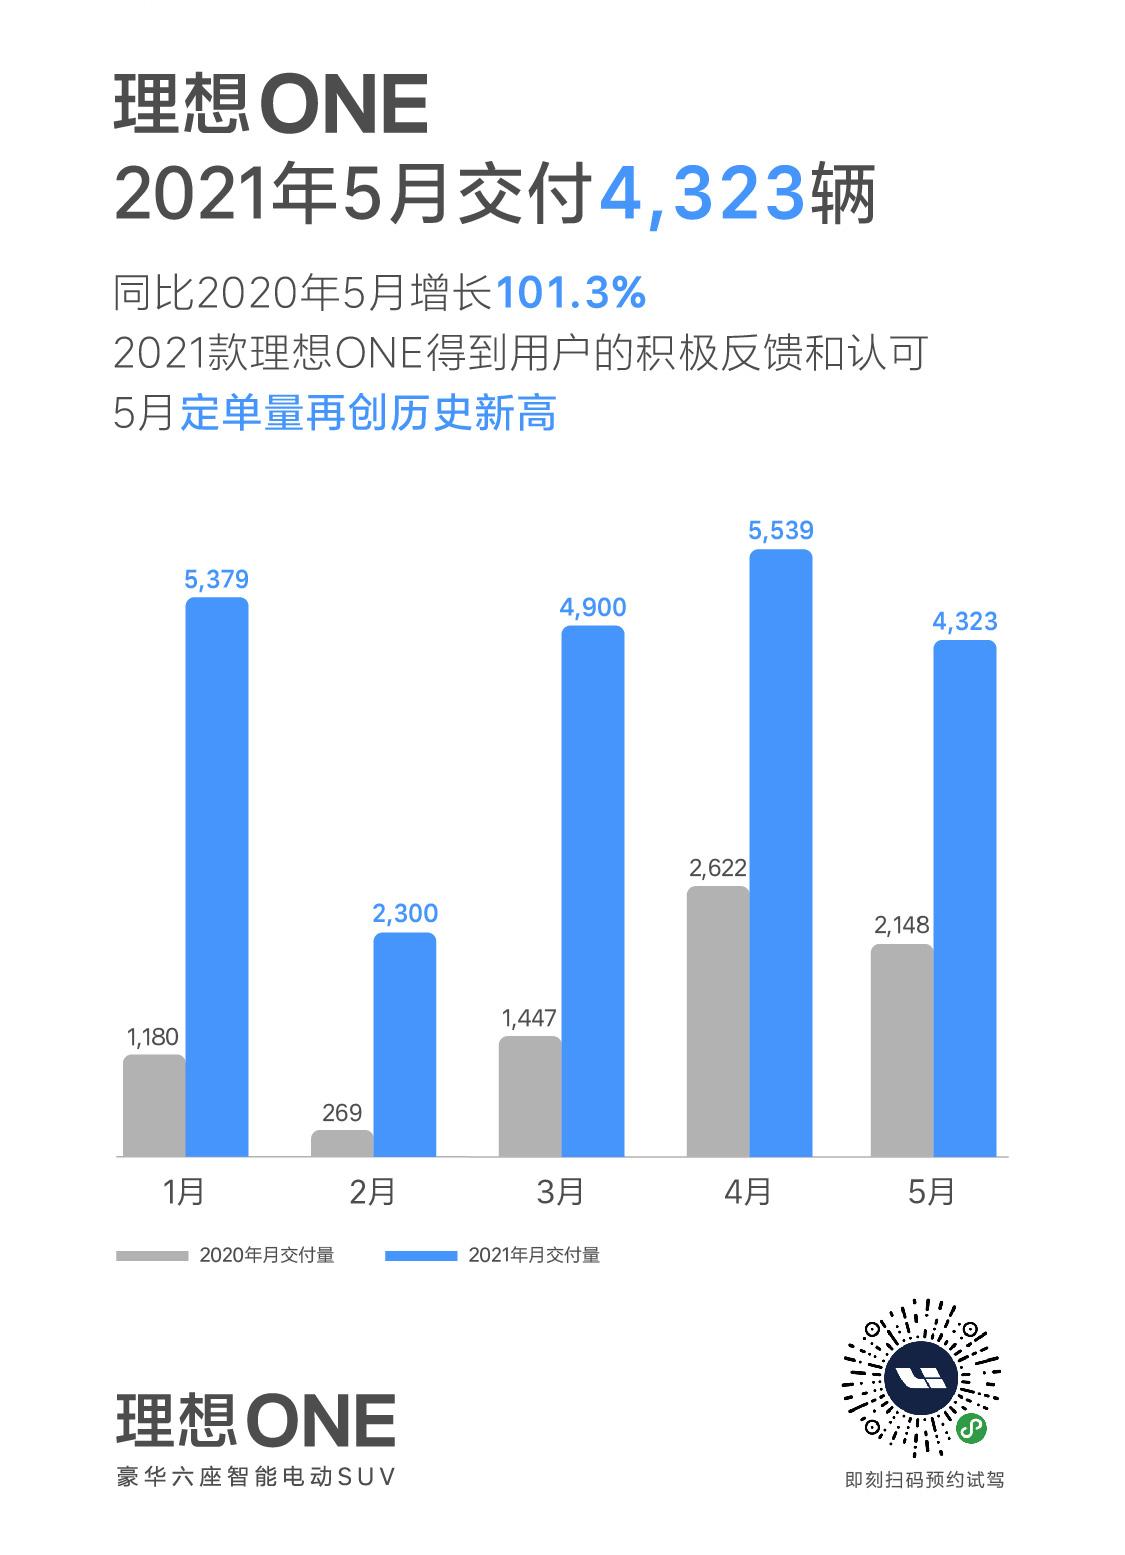 理想汽车月交付4323辆,同比增长101.3%环比下降21.95%